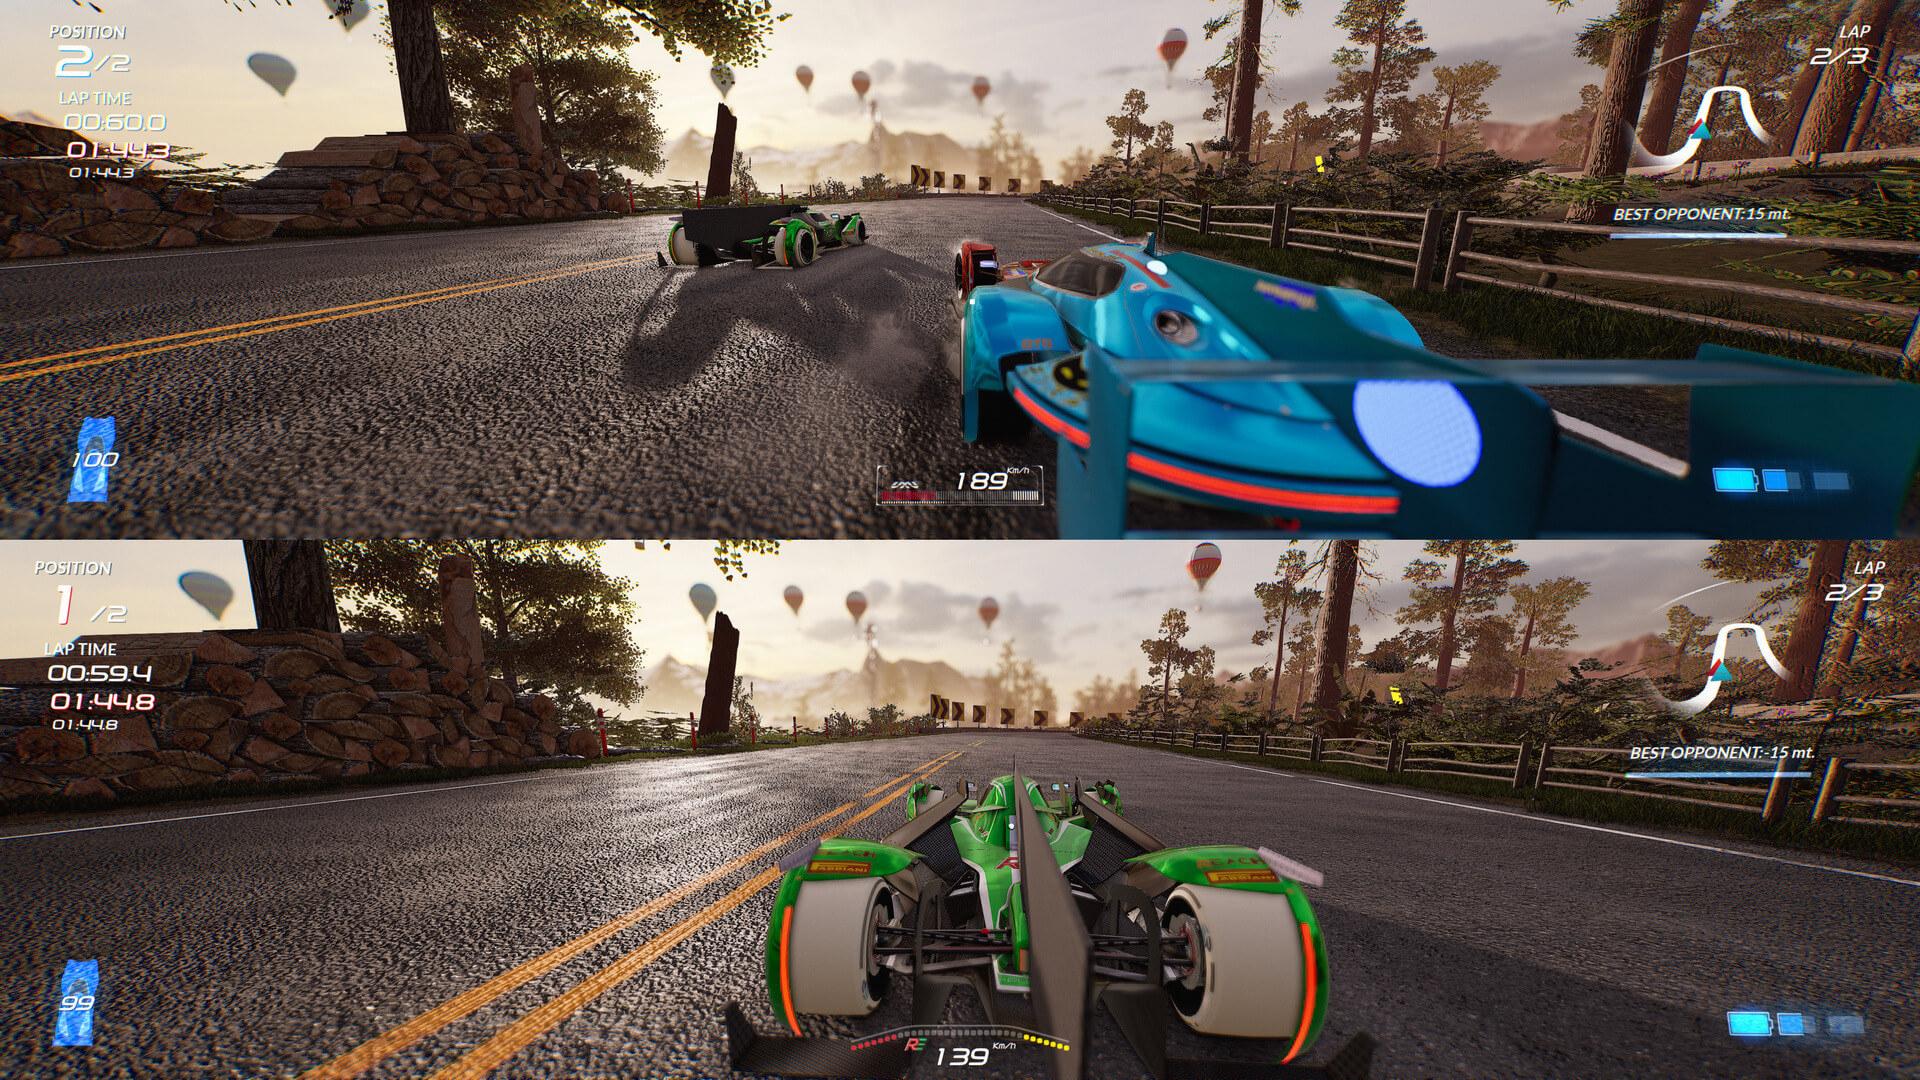 Xenon_Racer_-_Screenshot_3.jpg